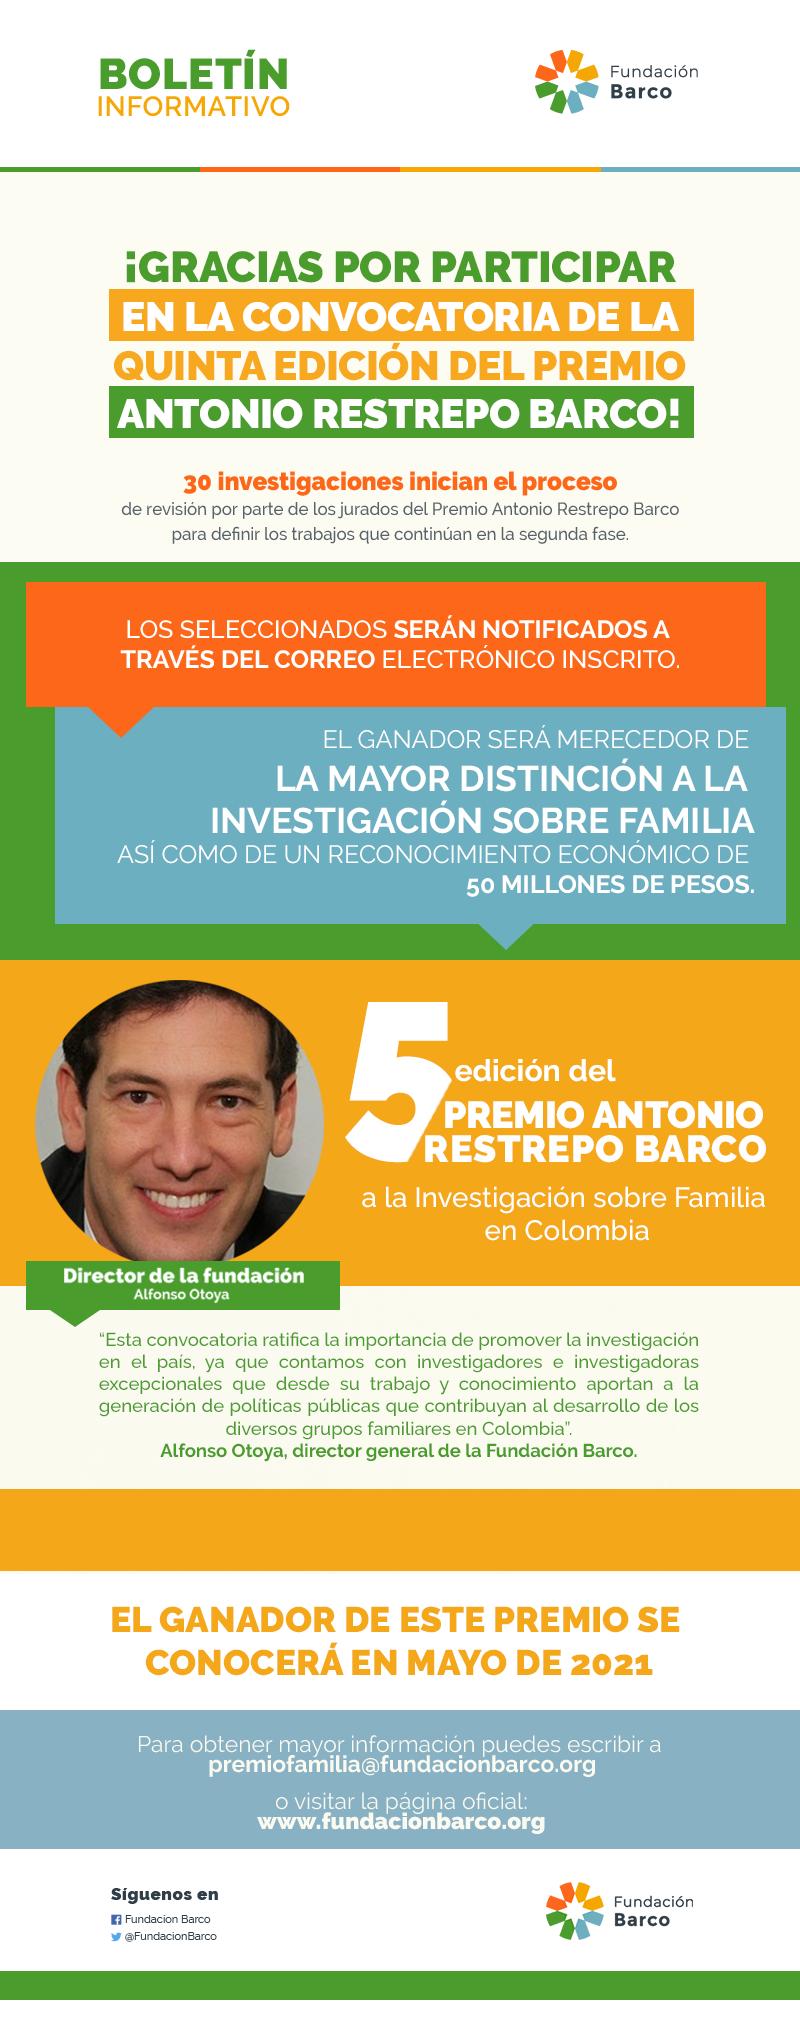 GRACIAS POR PARTICIPAR EN LA CONVOCATORIA DE LA QUINTA EDICIÓN DEL PREMIO ANTONIO RESTREPO BARCO